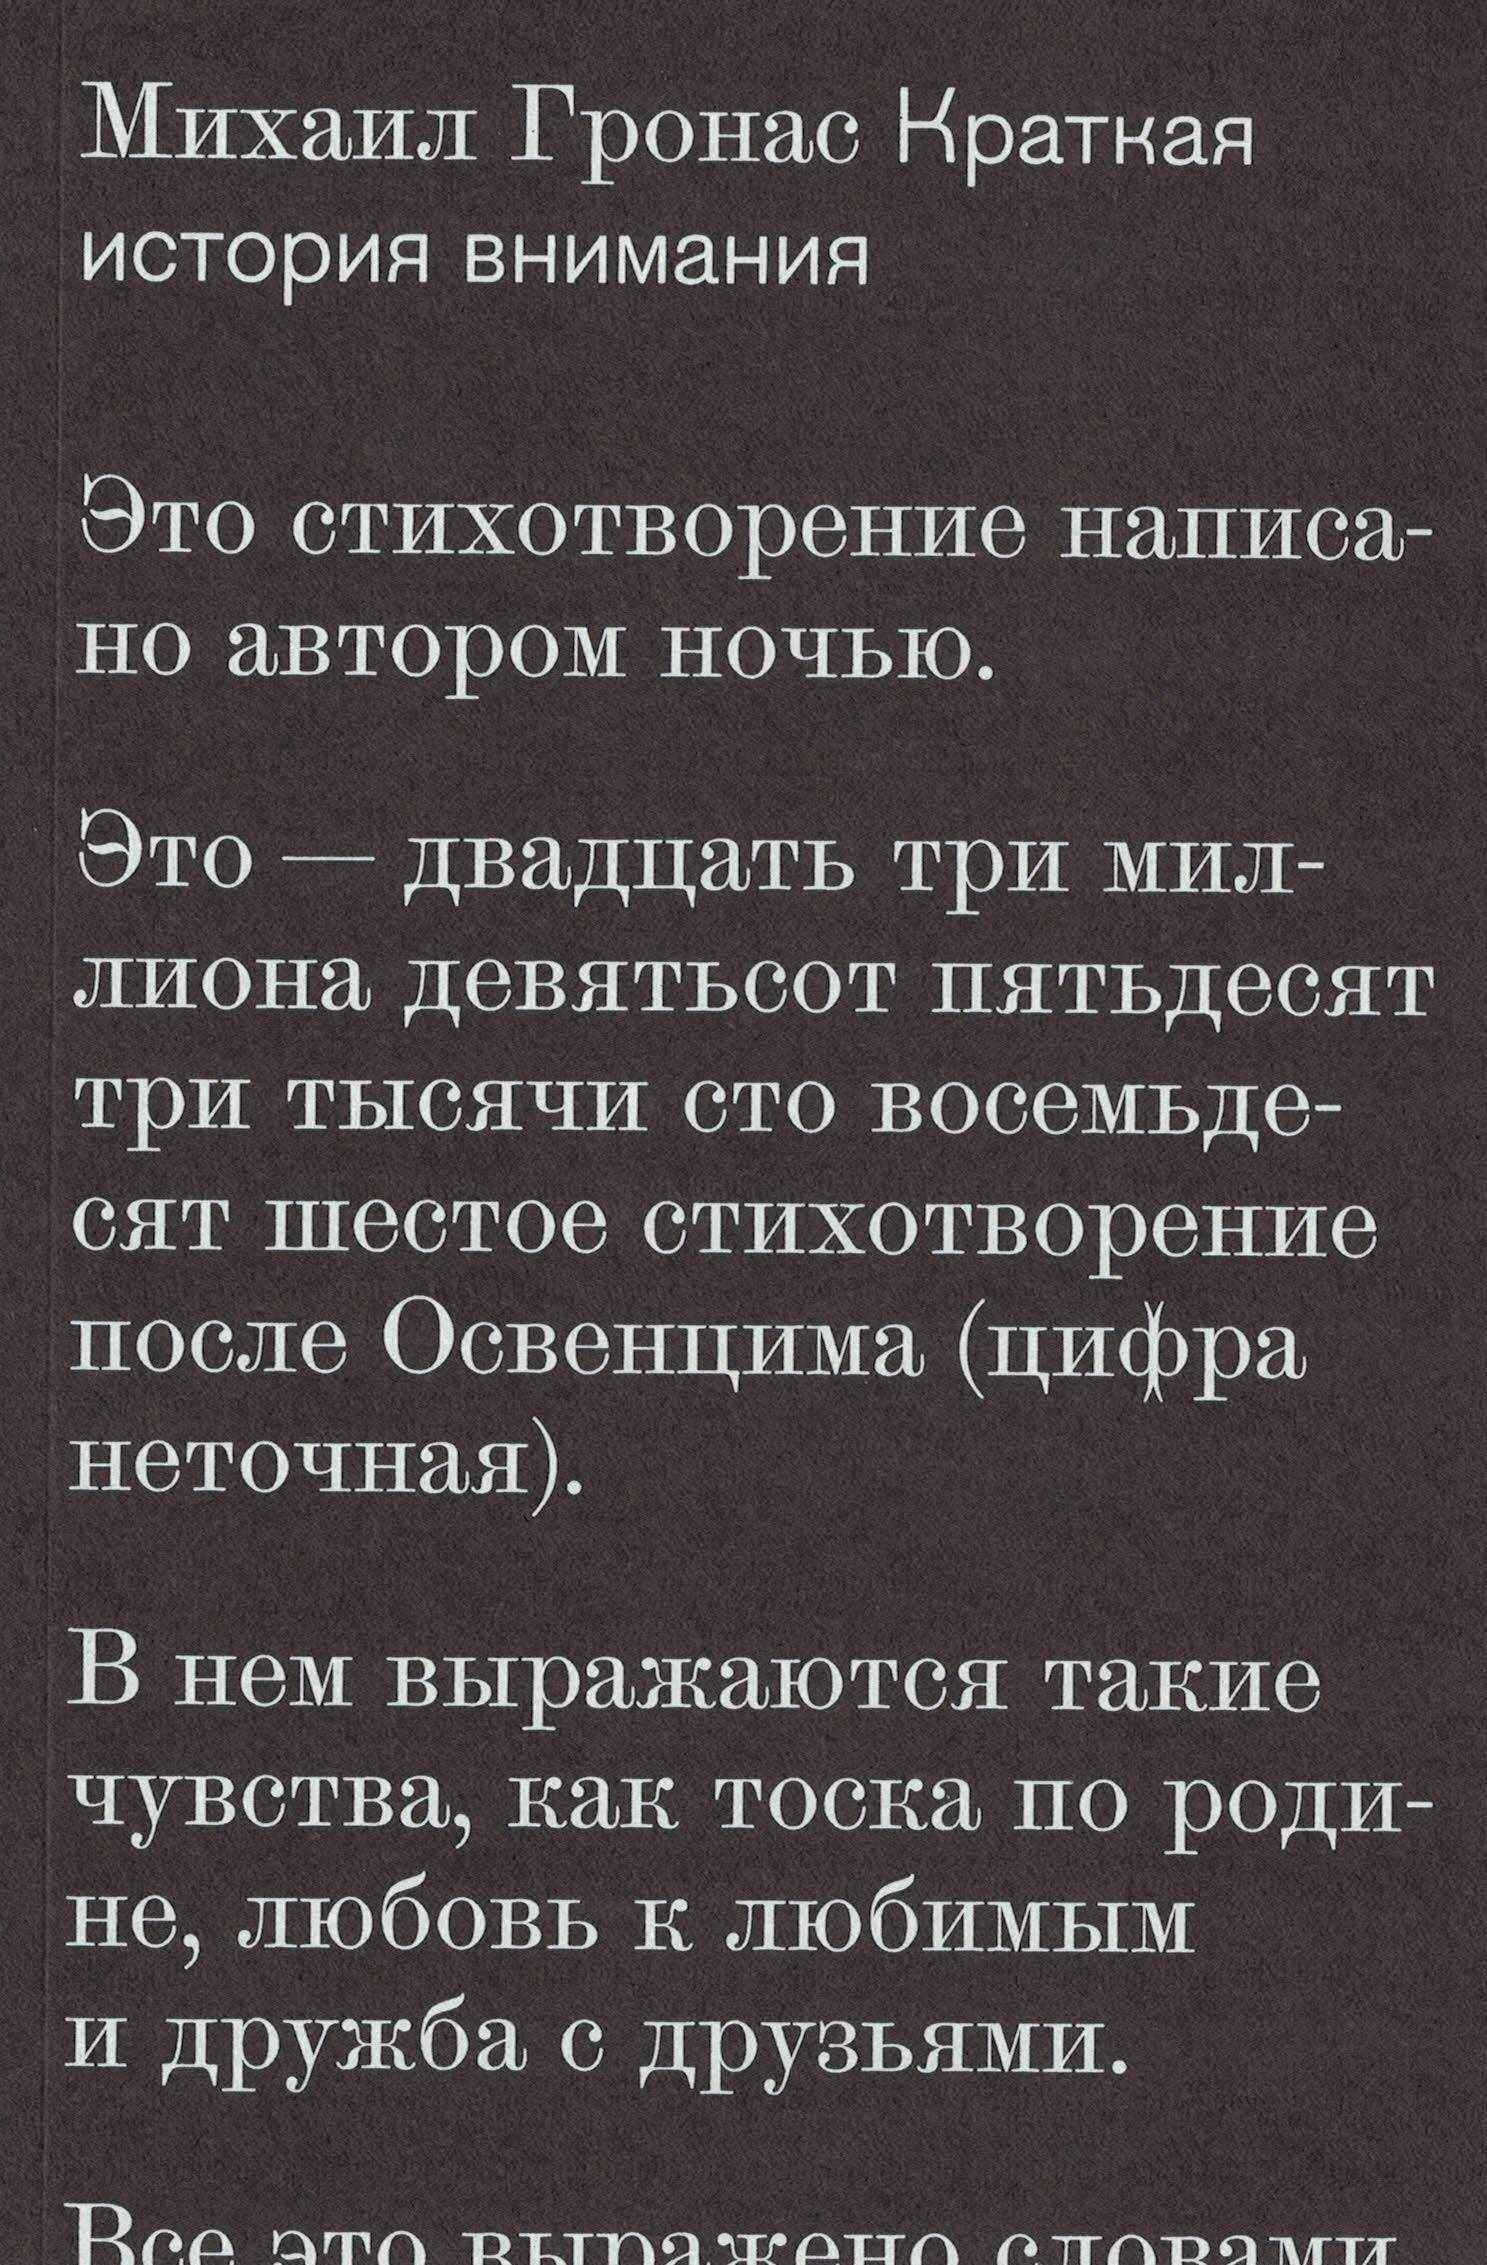 Михаил Гронас «Краткая история внимания»